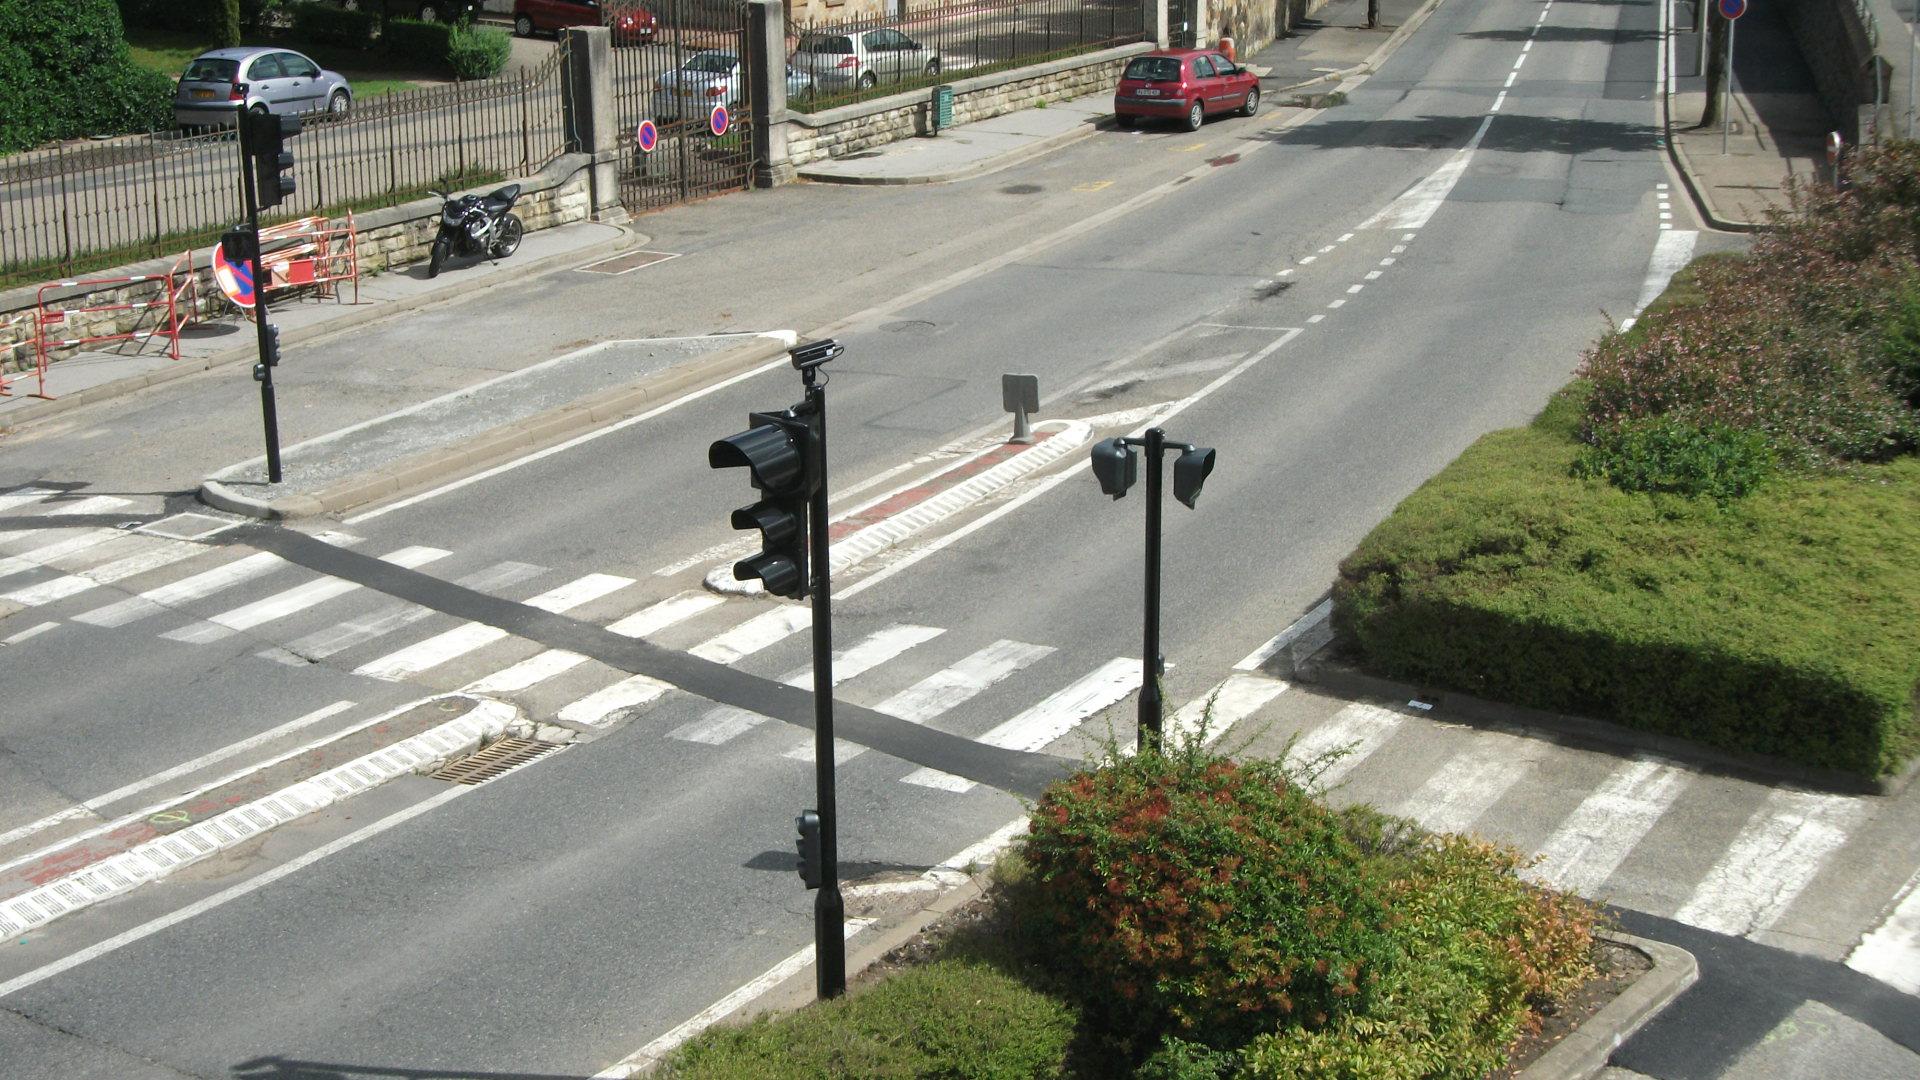 Rencontre Coquine Loiret Comps-la-Grand-Ville Mêmes Centaines Meuf Bonne Snap